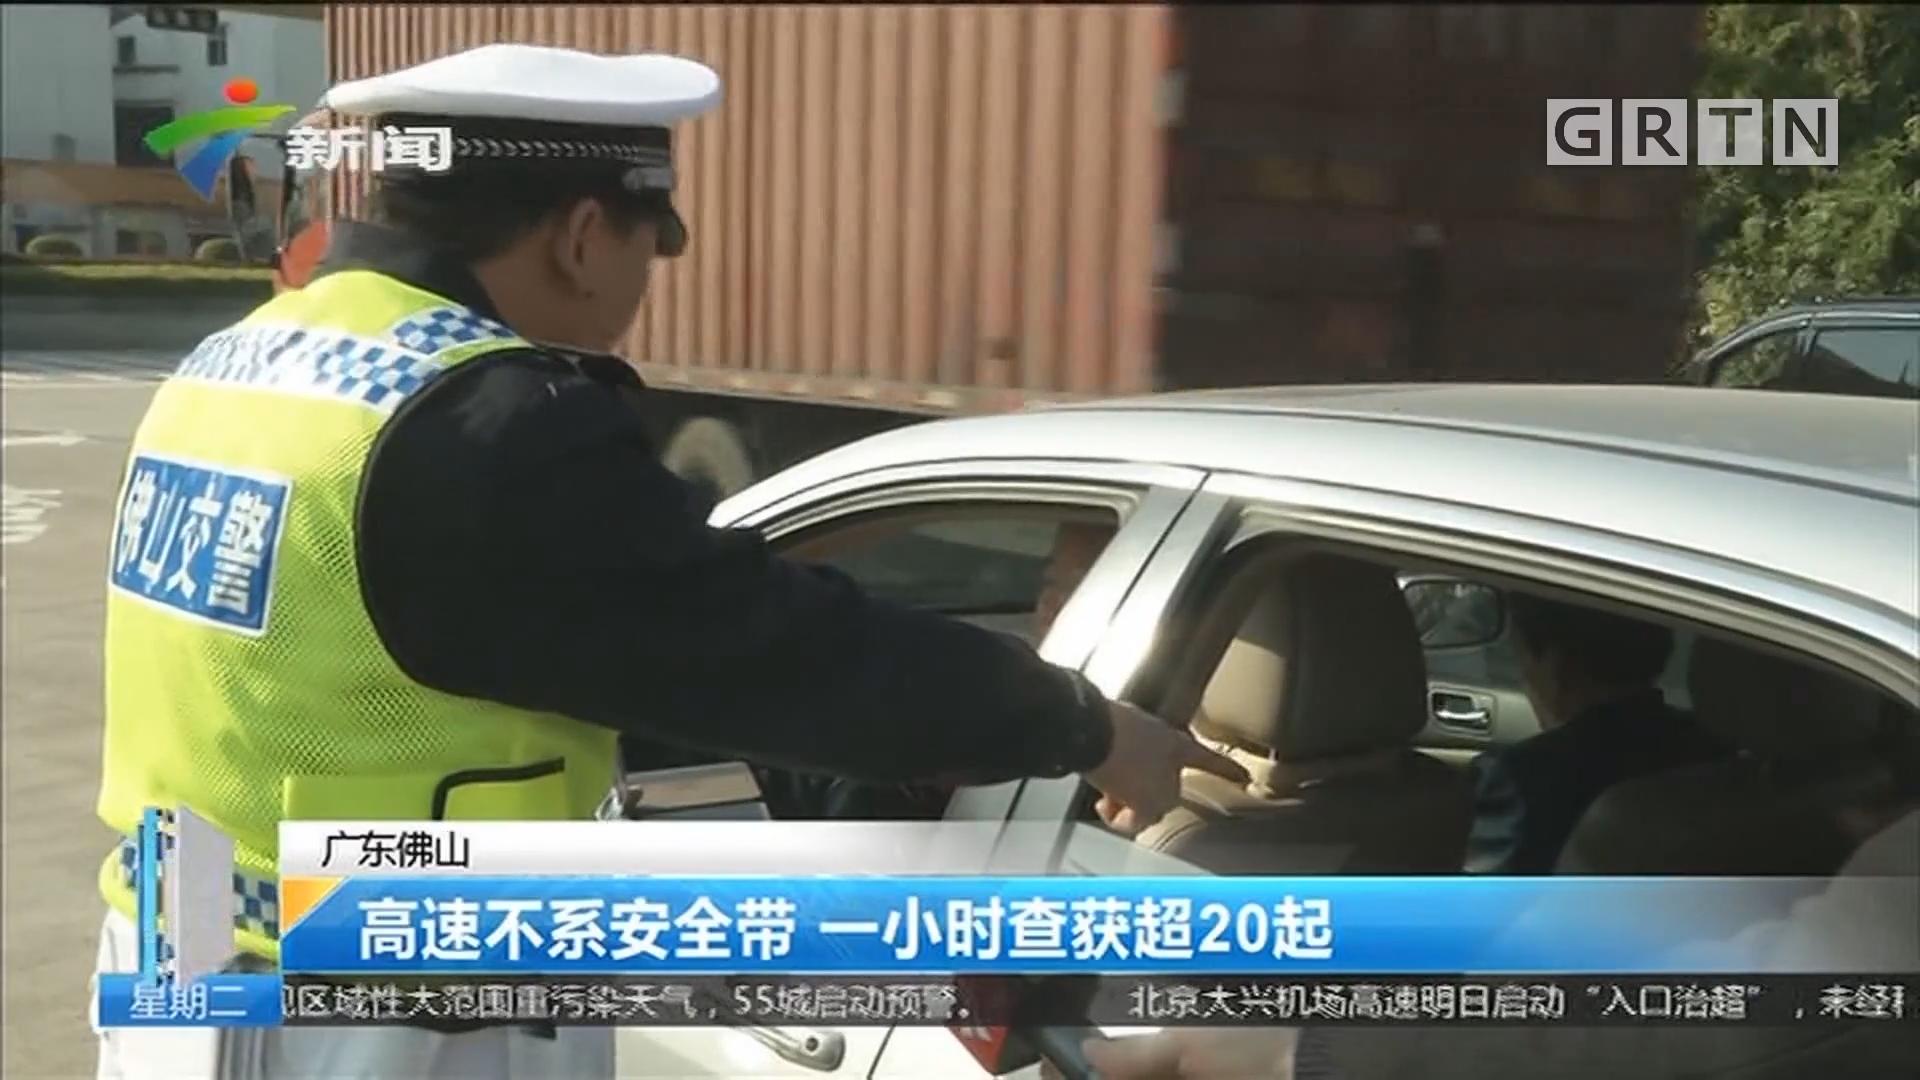 广东佛山:高速不系安全带 一小时查获超20起